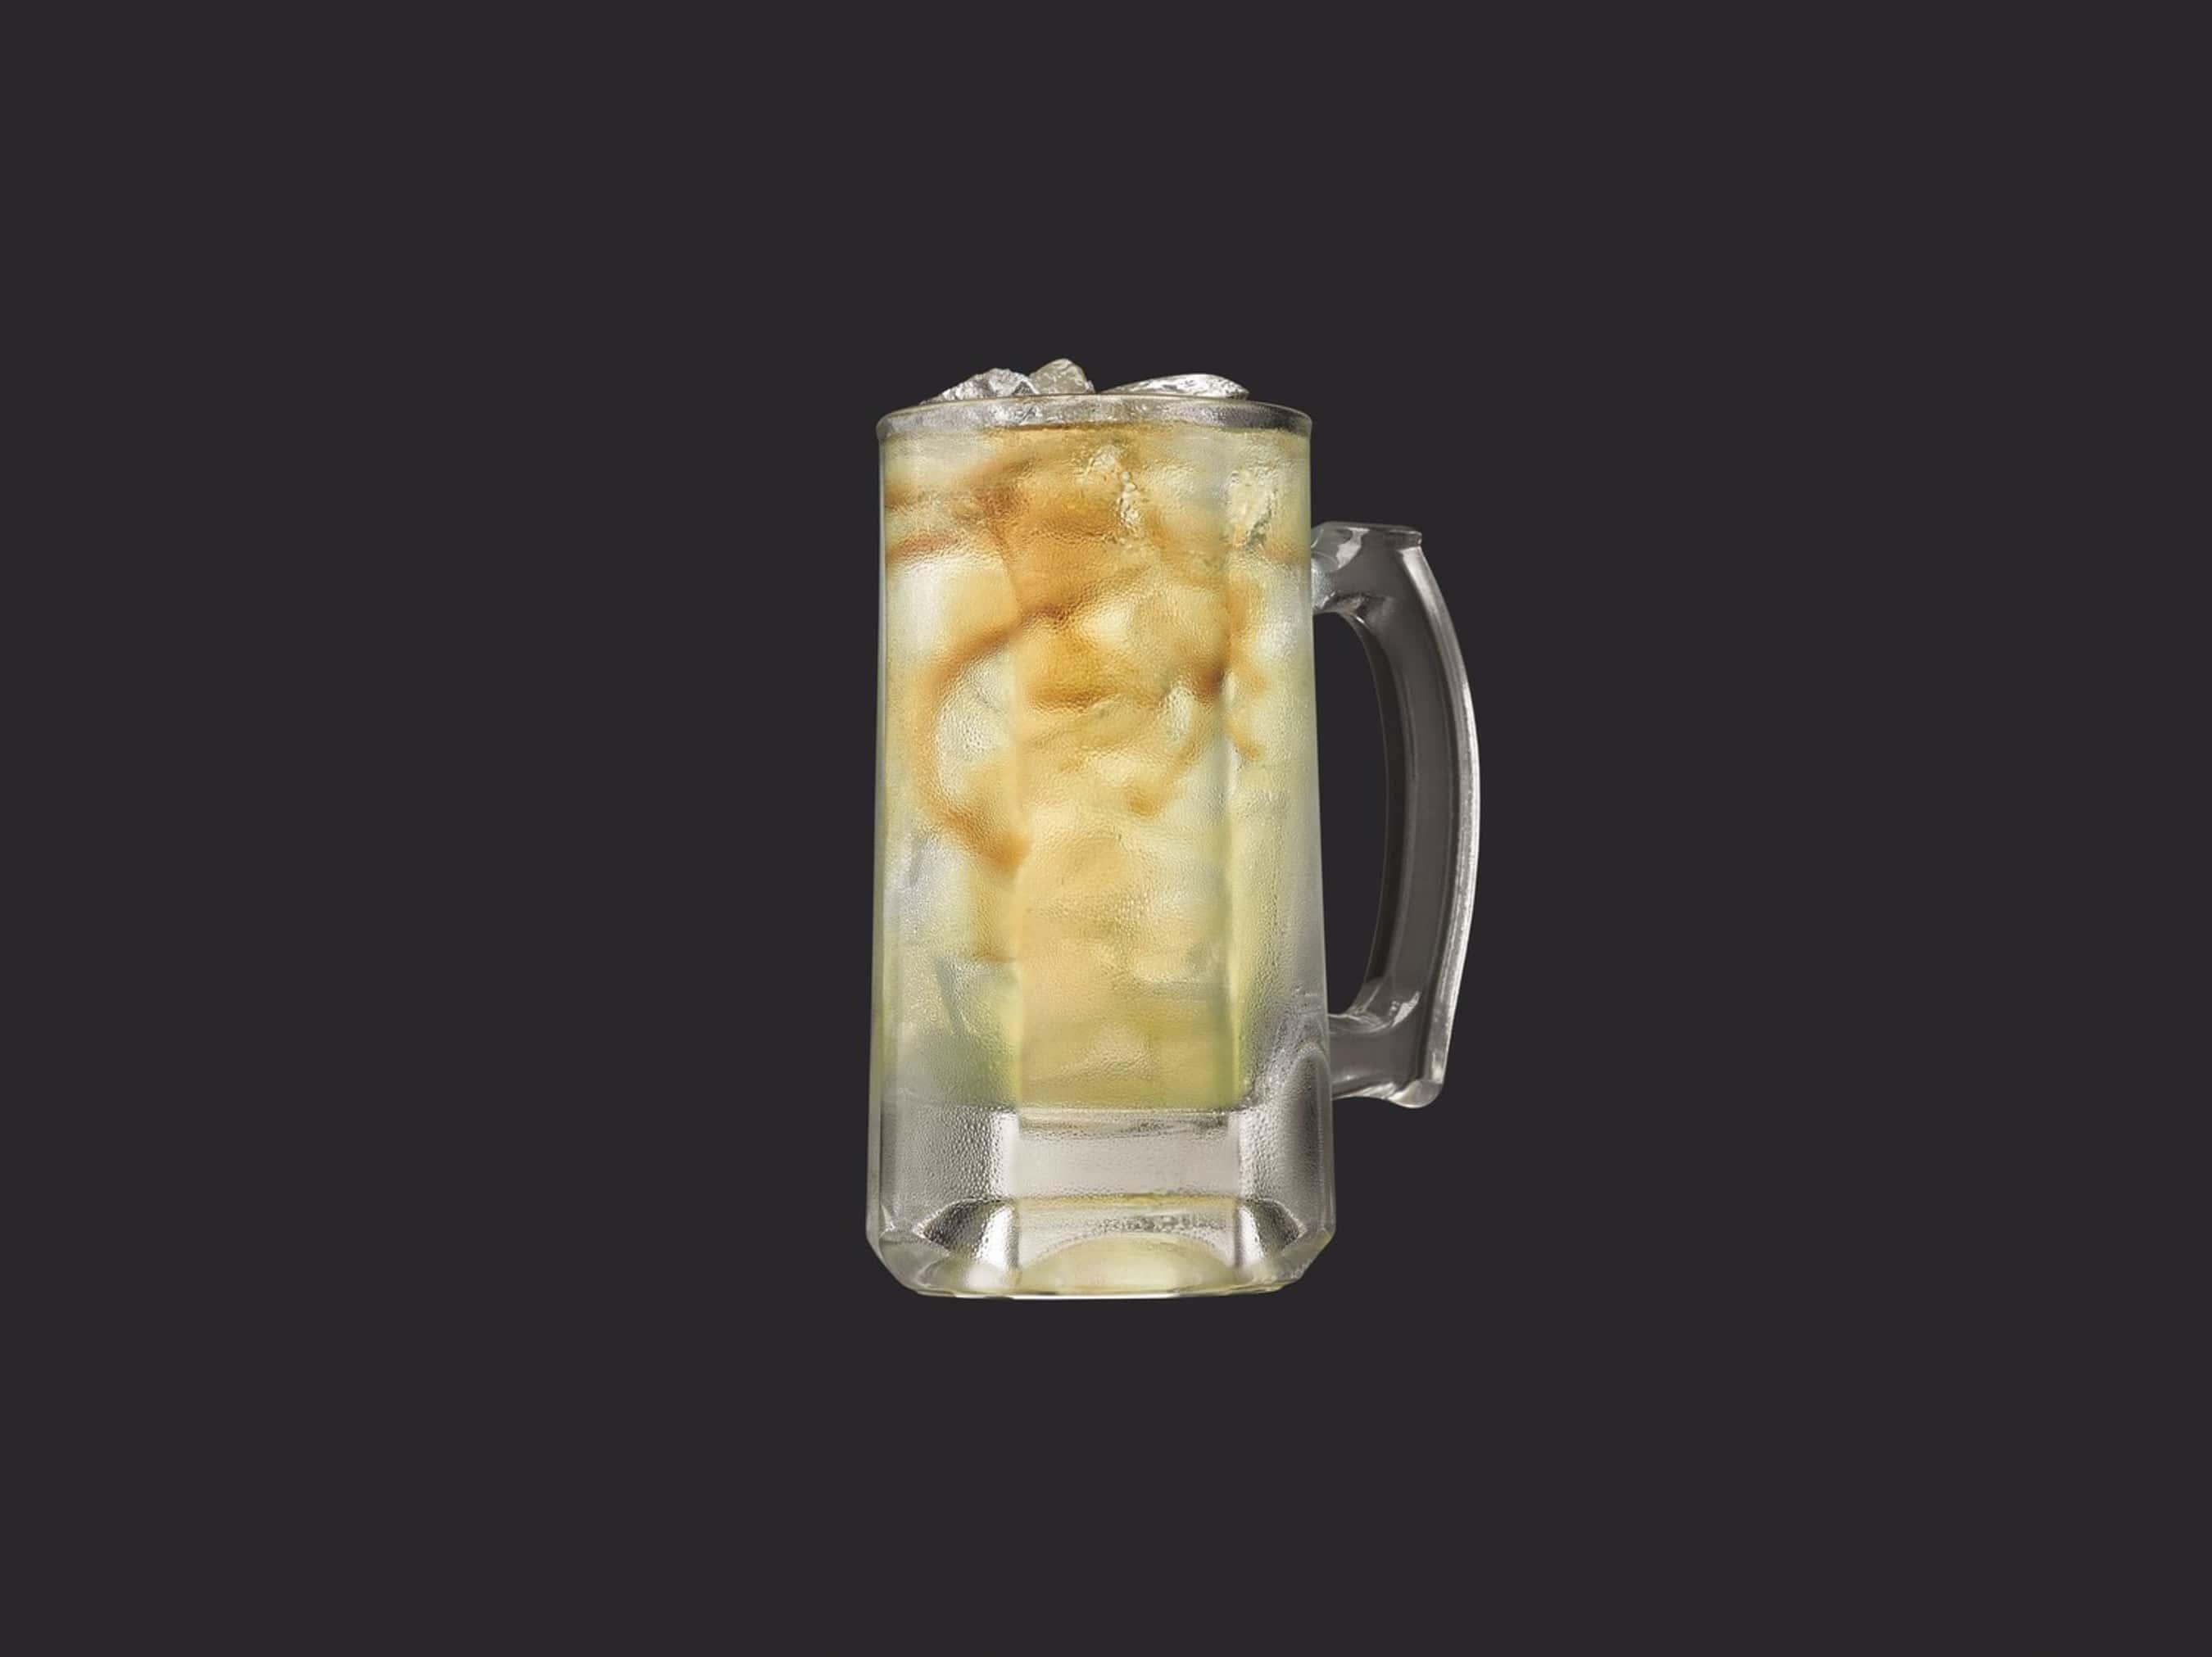 dollar long island iced teas